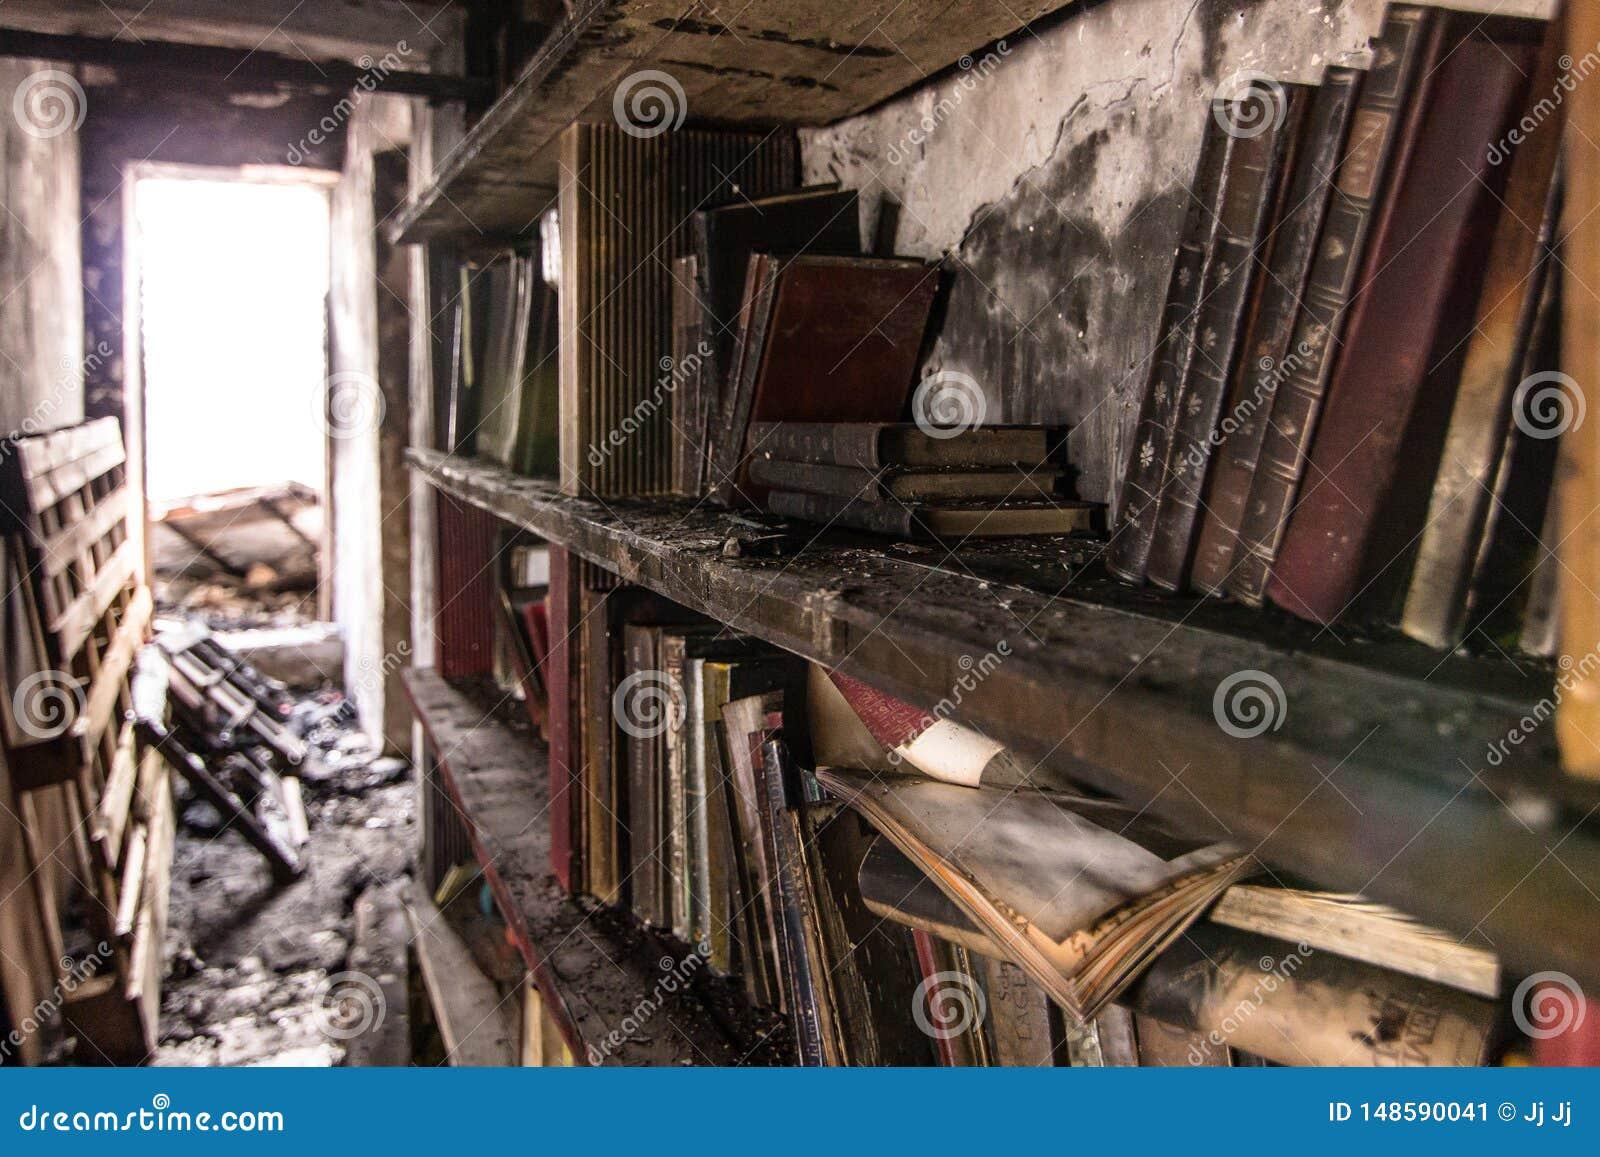 Le livre a brûlé dans une bibliothèque après un feu